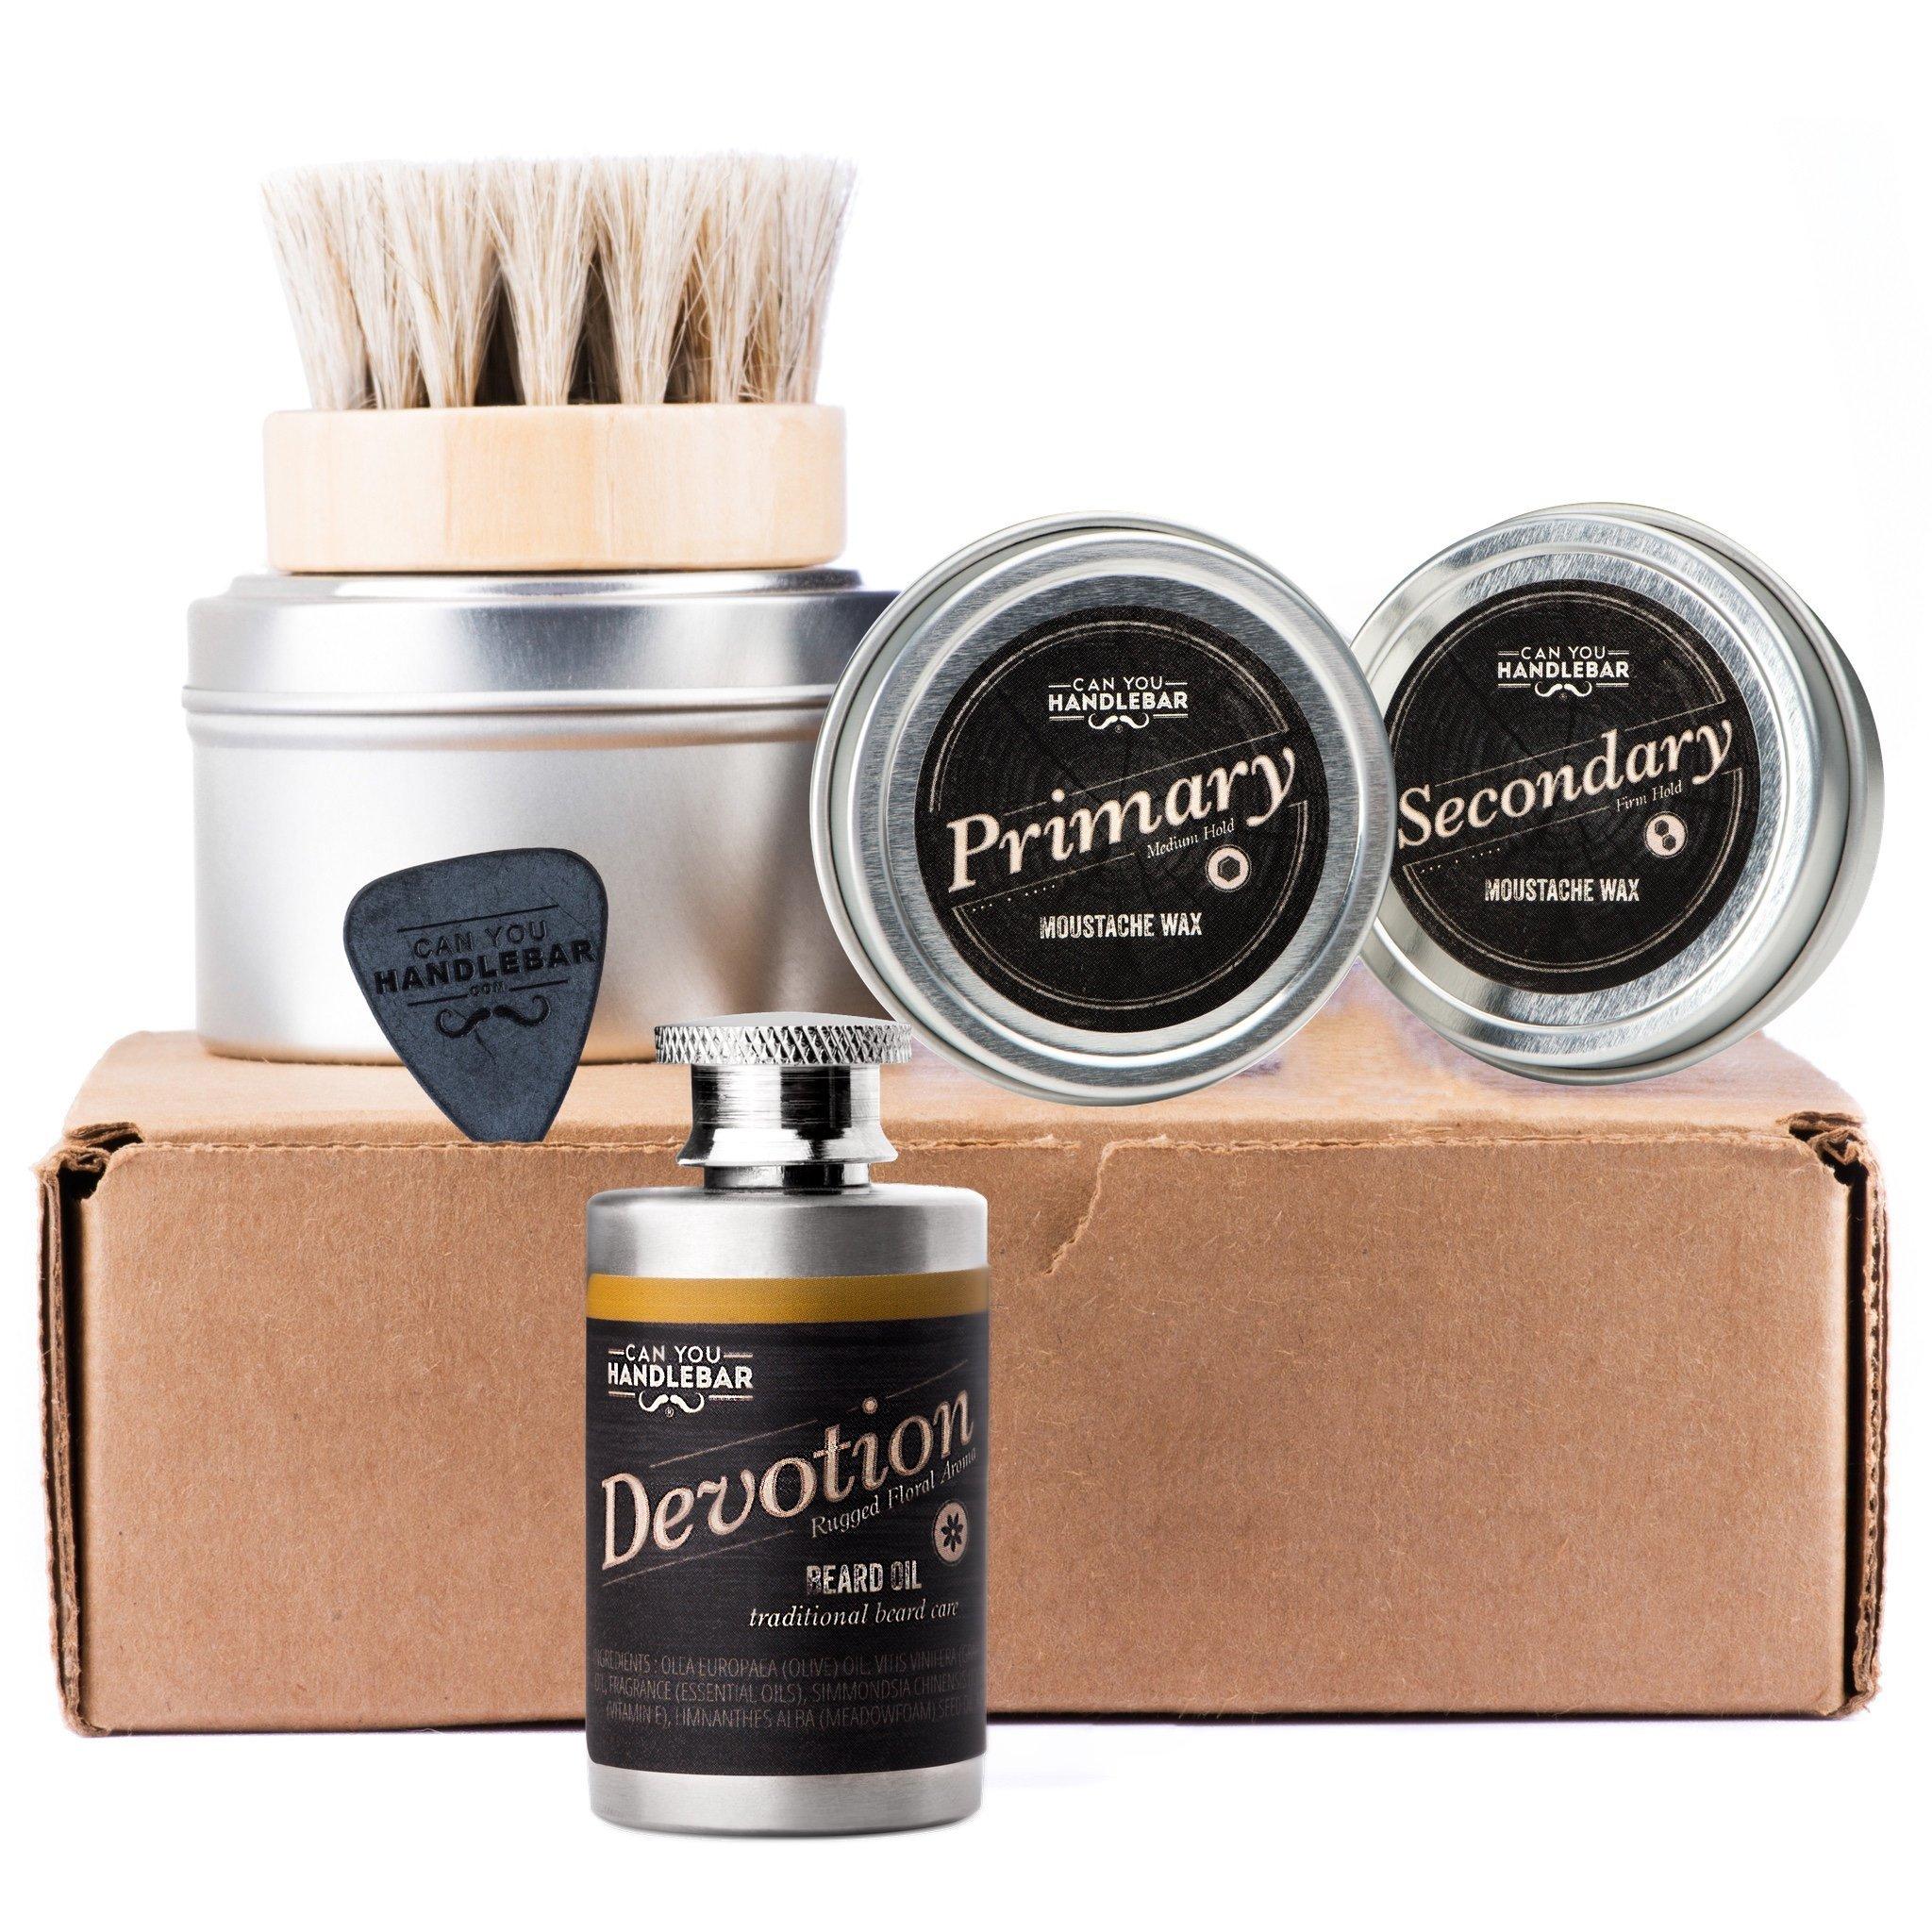 CanYouHandlebar Basic Beard Care Kit : Devotion Beard Oil Flask